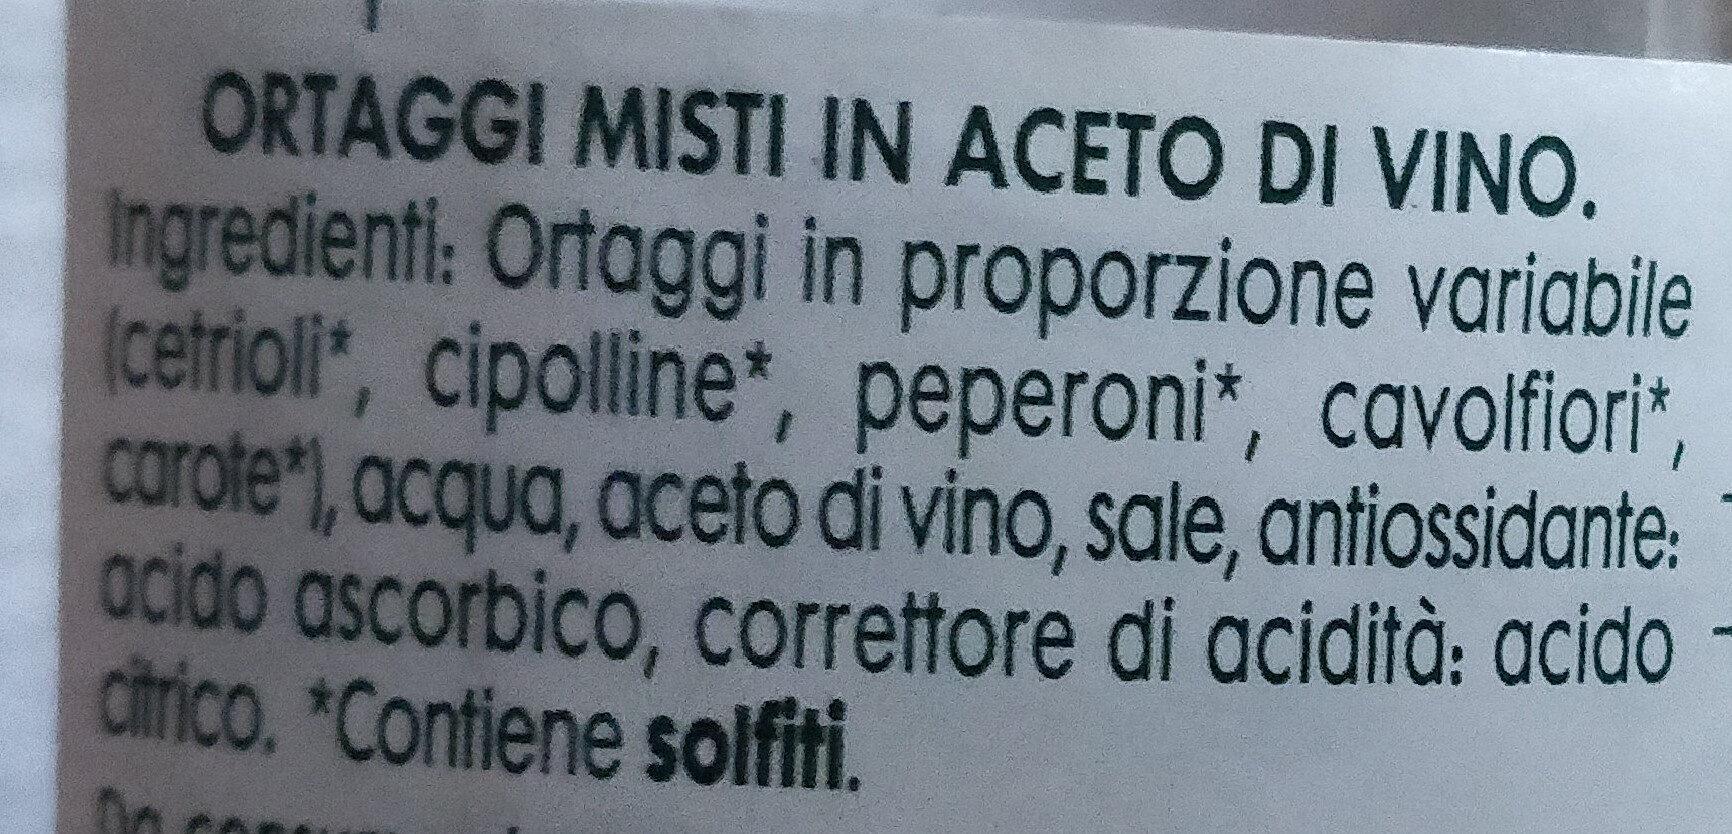 Giardiniera con aceto di vino - Ingredients - it